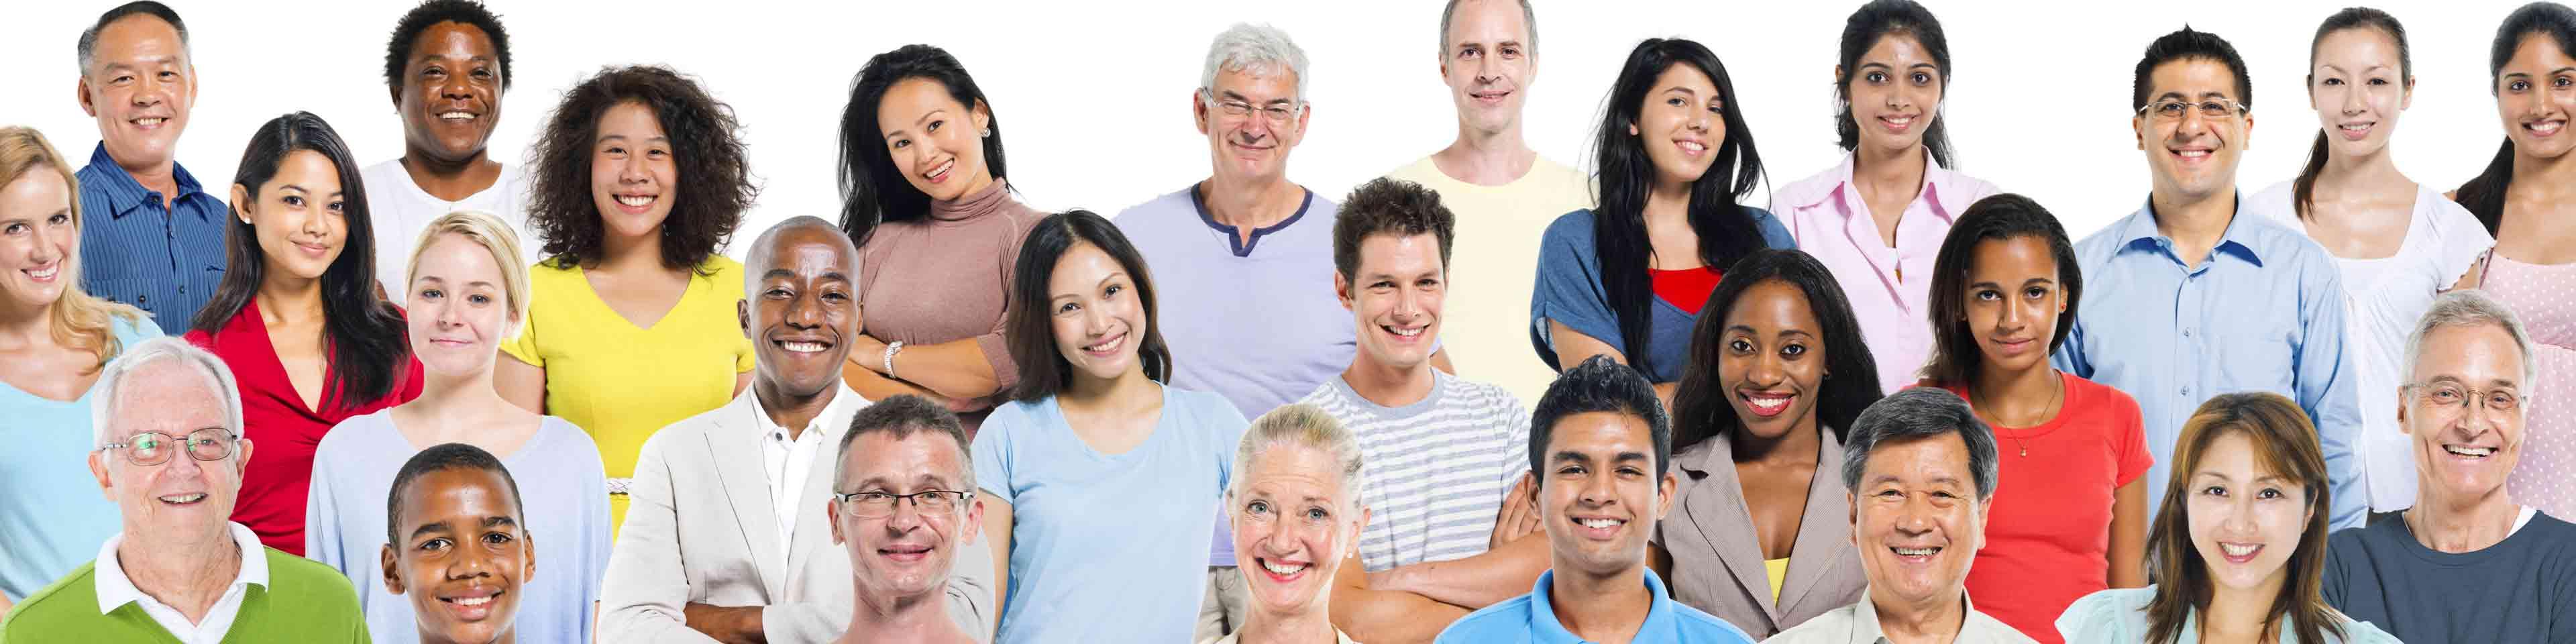 hero image, afgebeeld: grote gezellige groep mensen, diverse afkomst